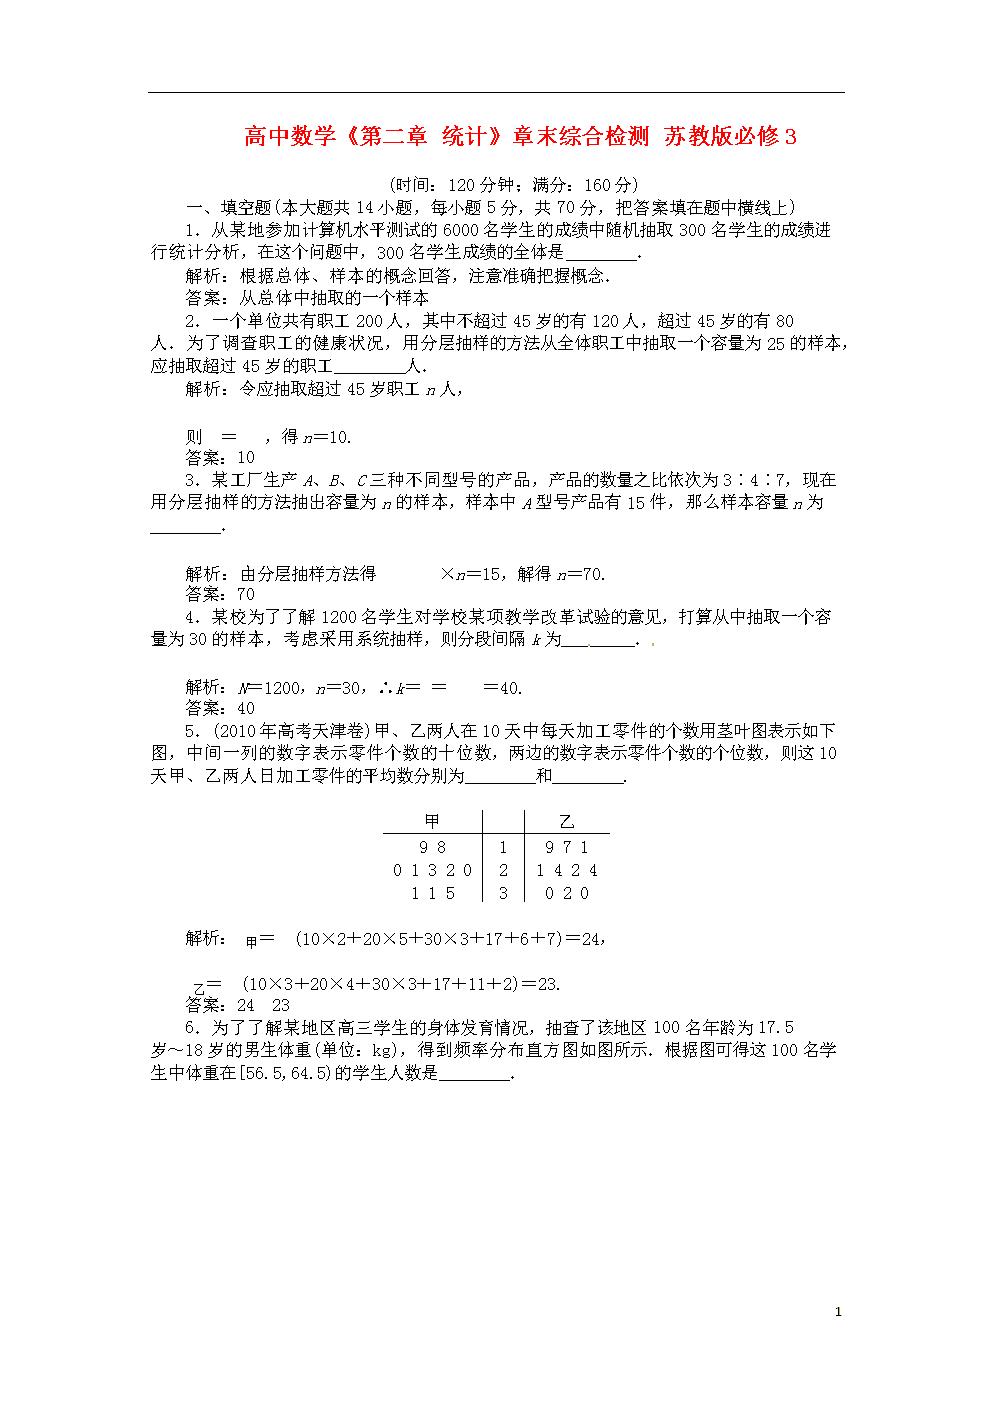 高中数学《第二章 统计》章末综合检测 苏教版必修3.doc